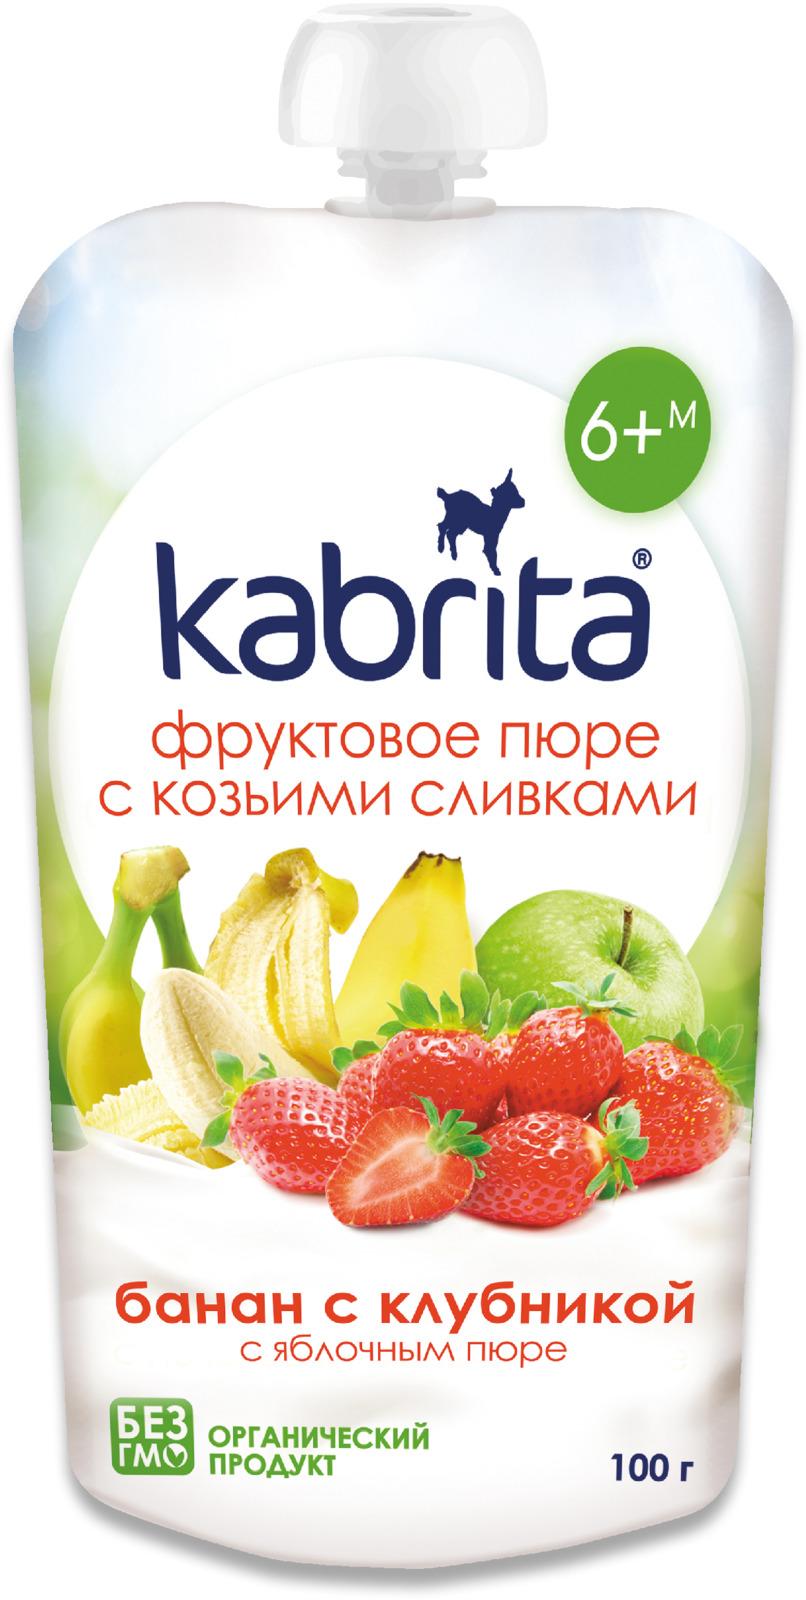 """Пюре для детей Kabrita """"Банан с клубникой"""", с козьими сливками, 100 г"""